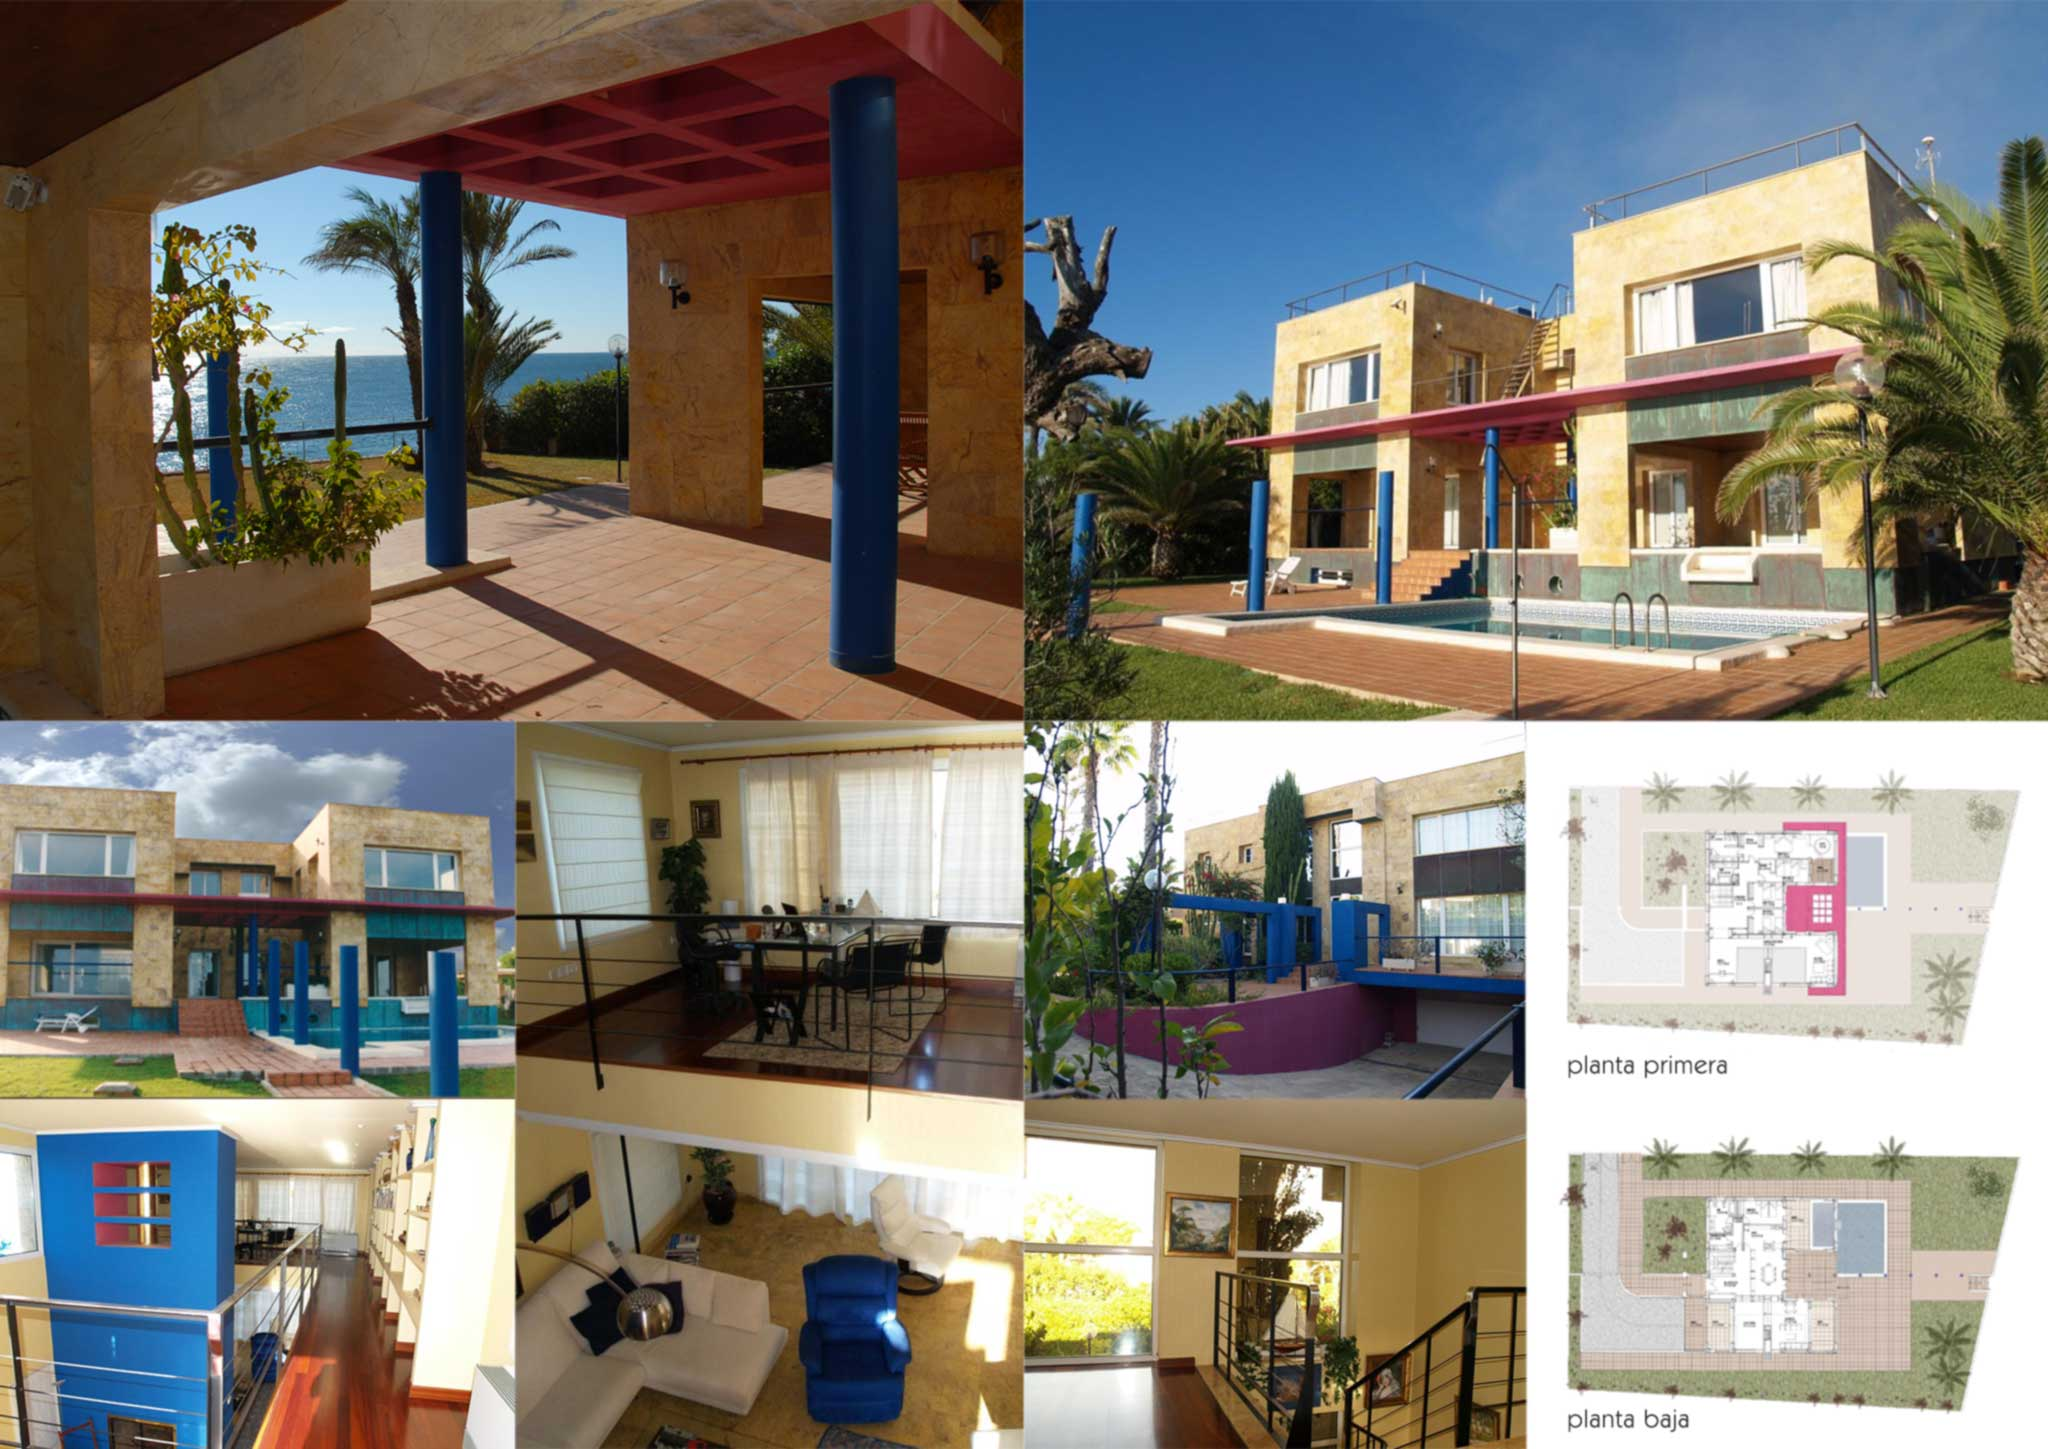 Villa en cabo roig alicante otero arquitectos - Arquitectos en alicante ...